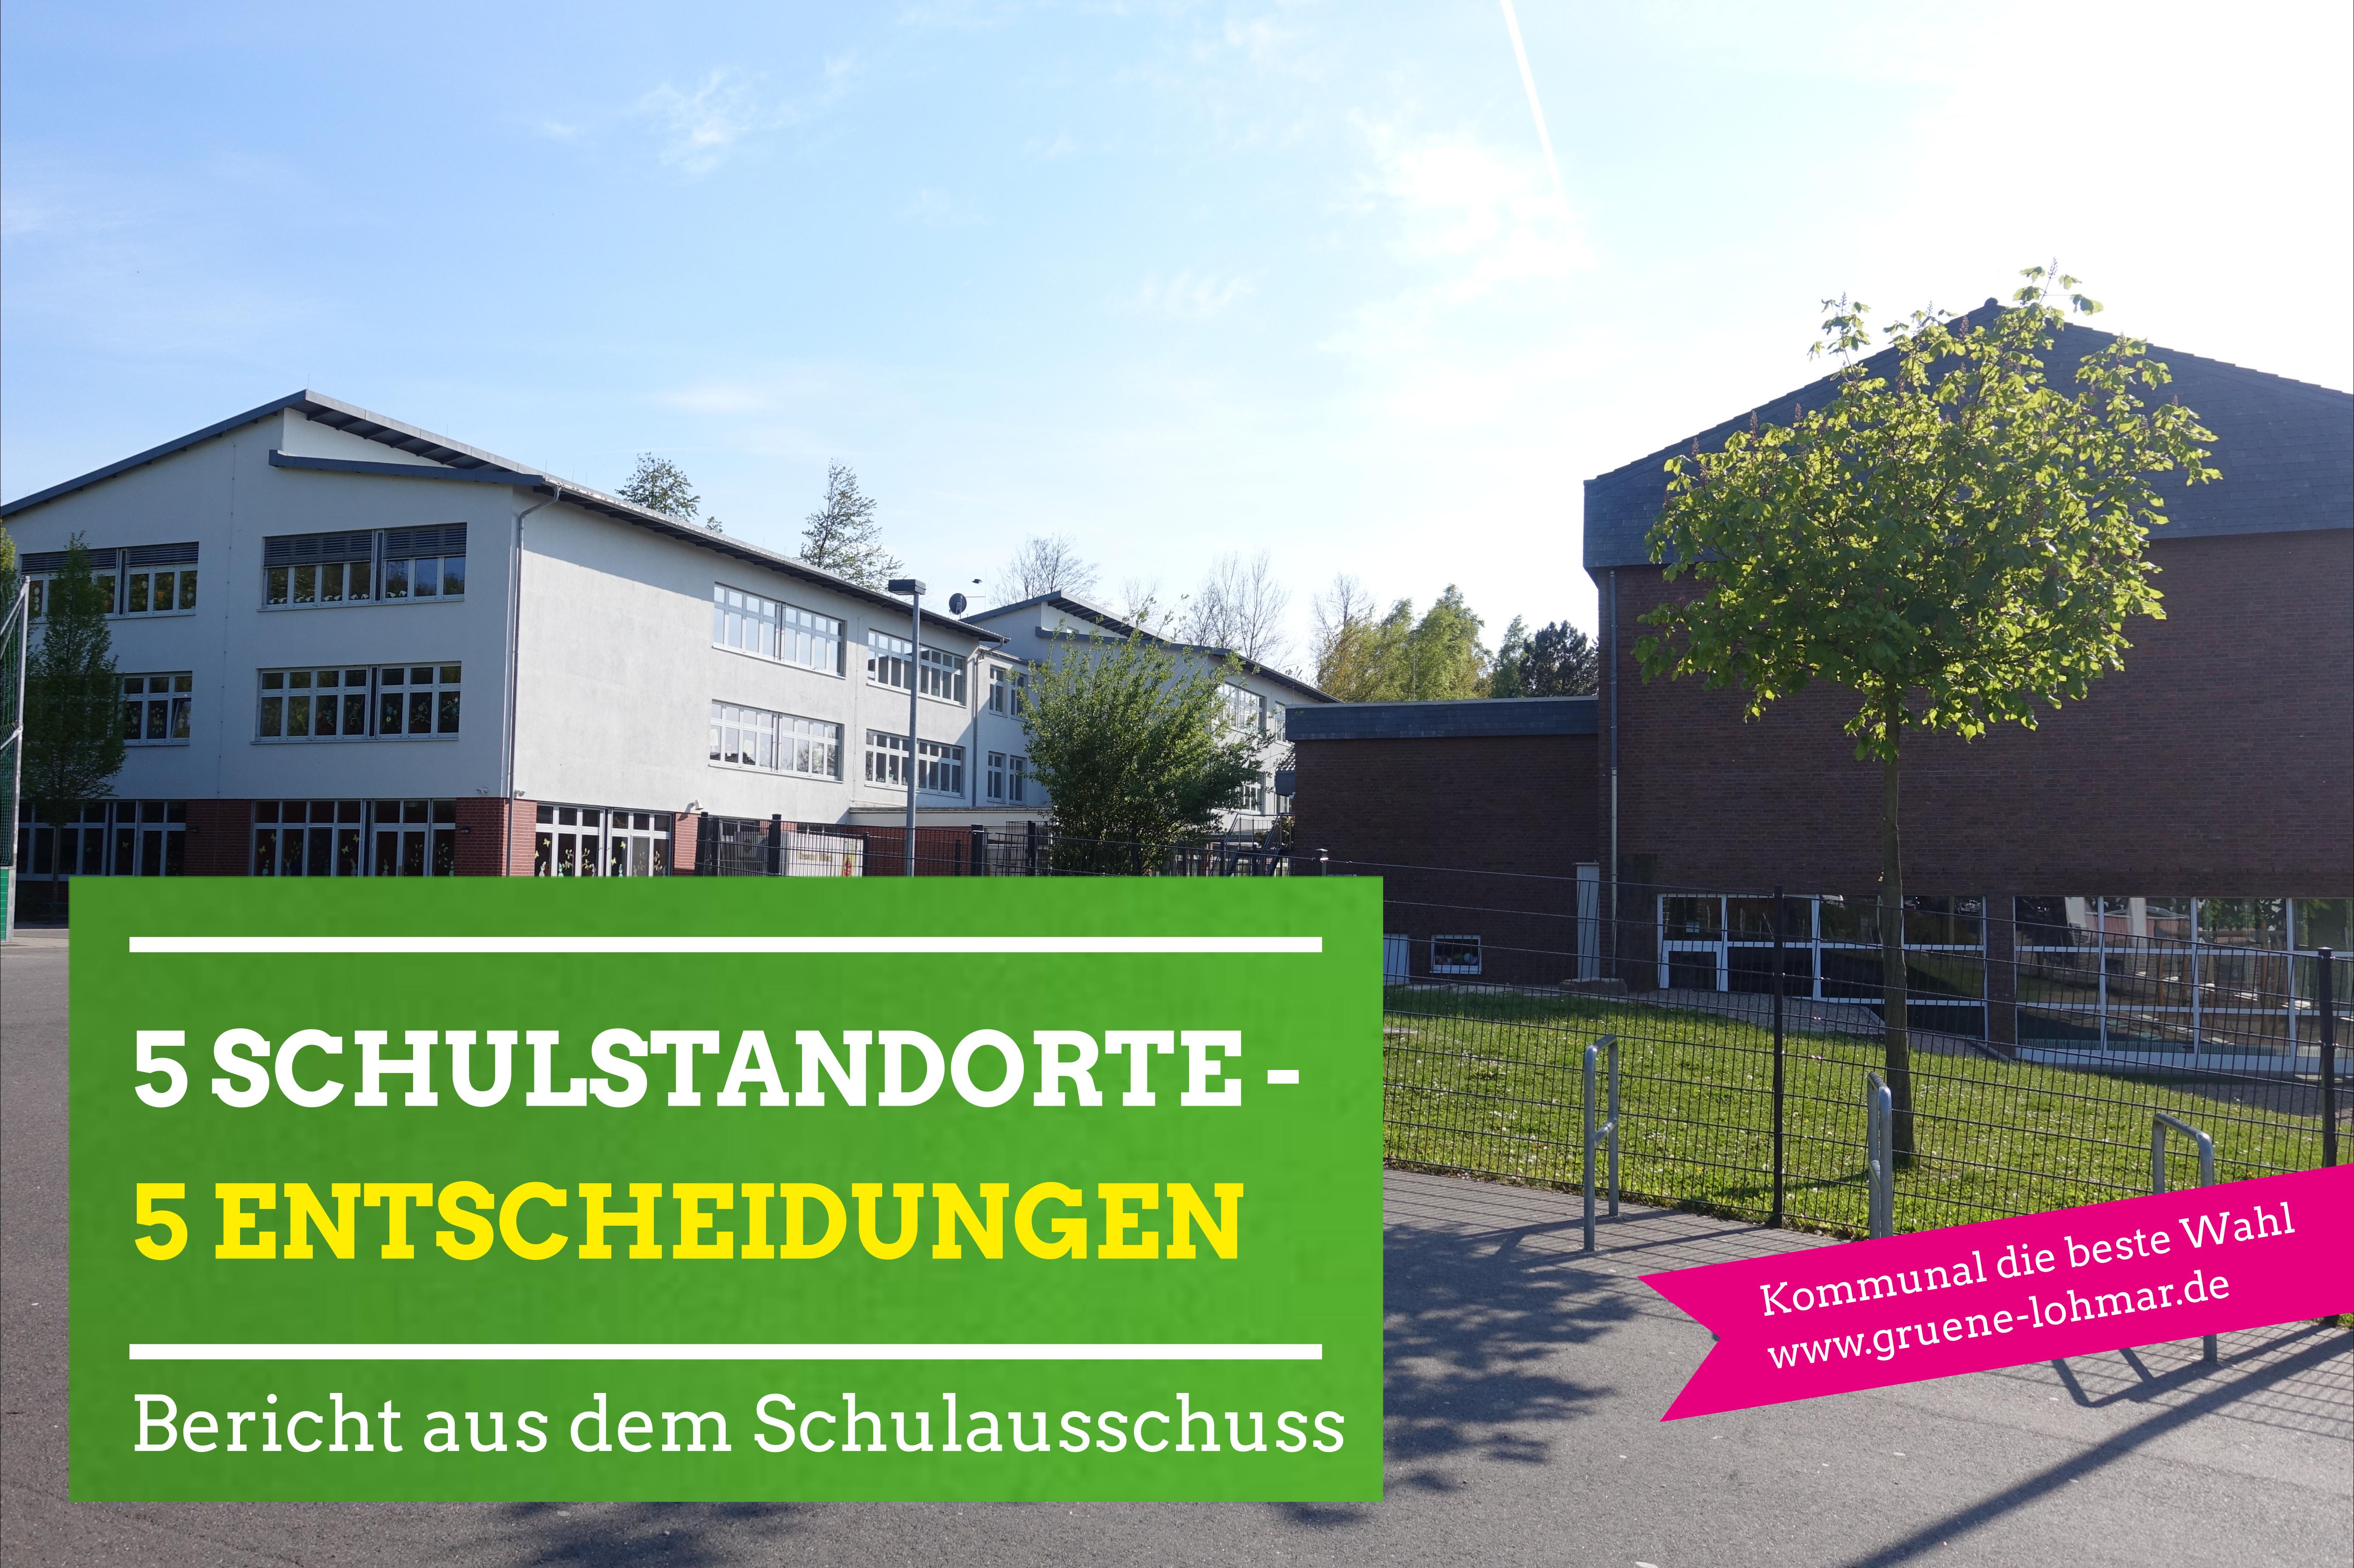 5 Schulstandorte in Lohmar – 5 Entscheidungen